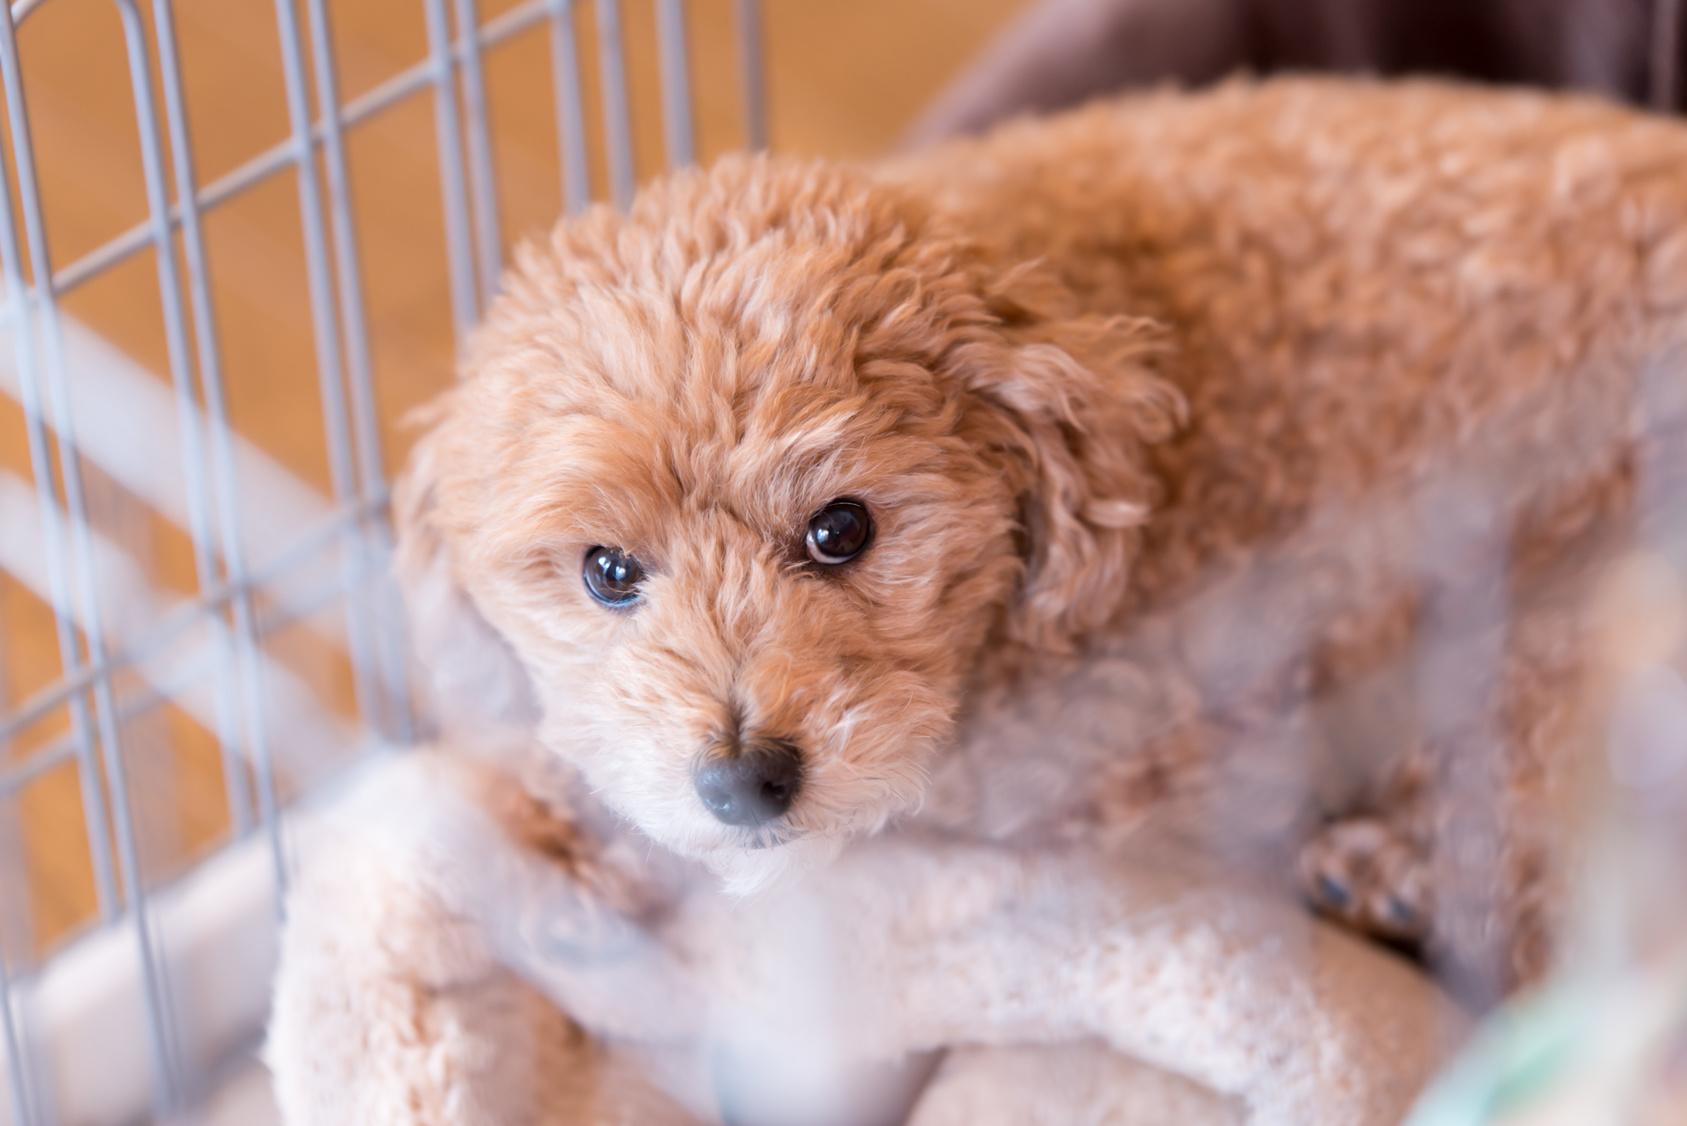 災害があった場合、あなたは愛犬の命を守れますか?